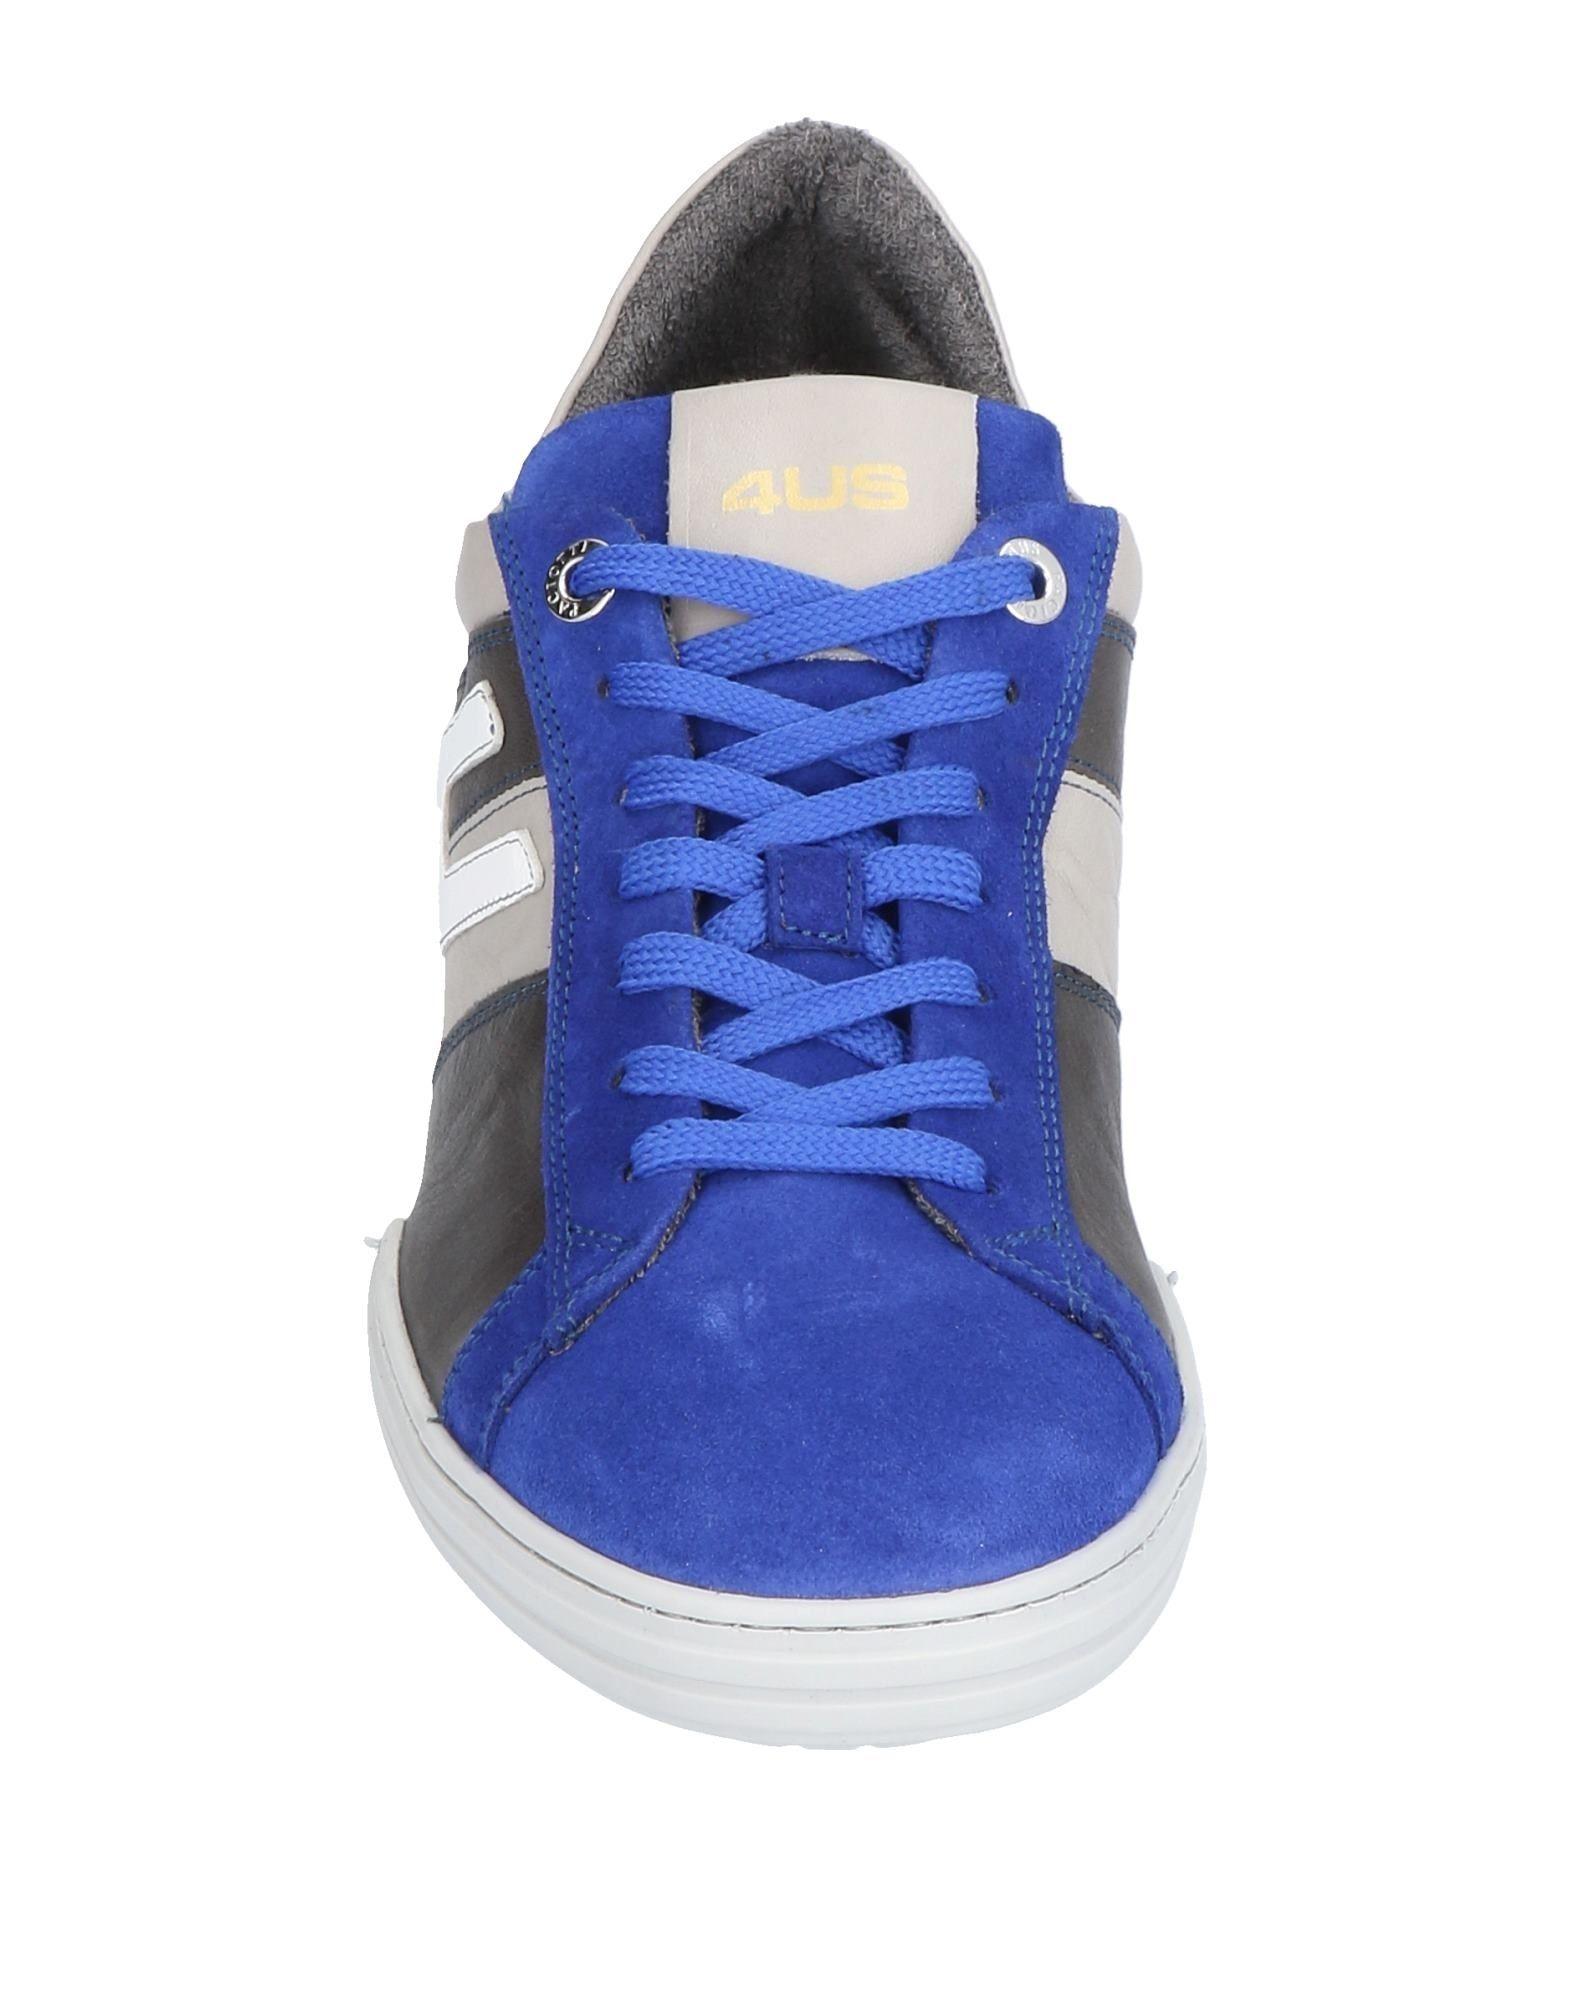 Rabatt echte Schuhe Herren Cesare Paciotti 4Us Sneakers Herren Schuhe  11483009SD 5623aa